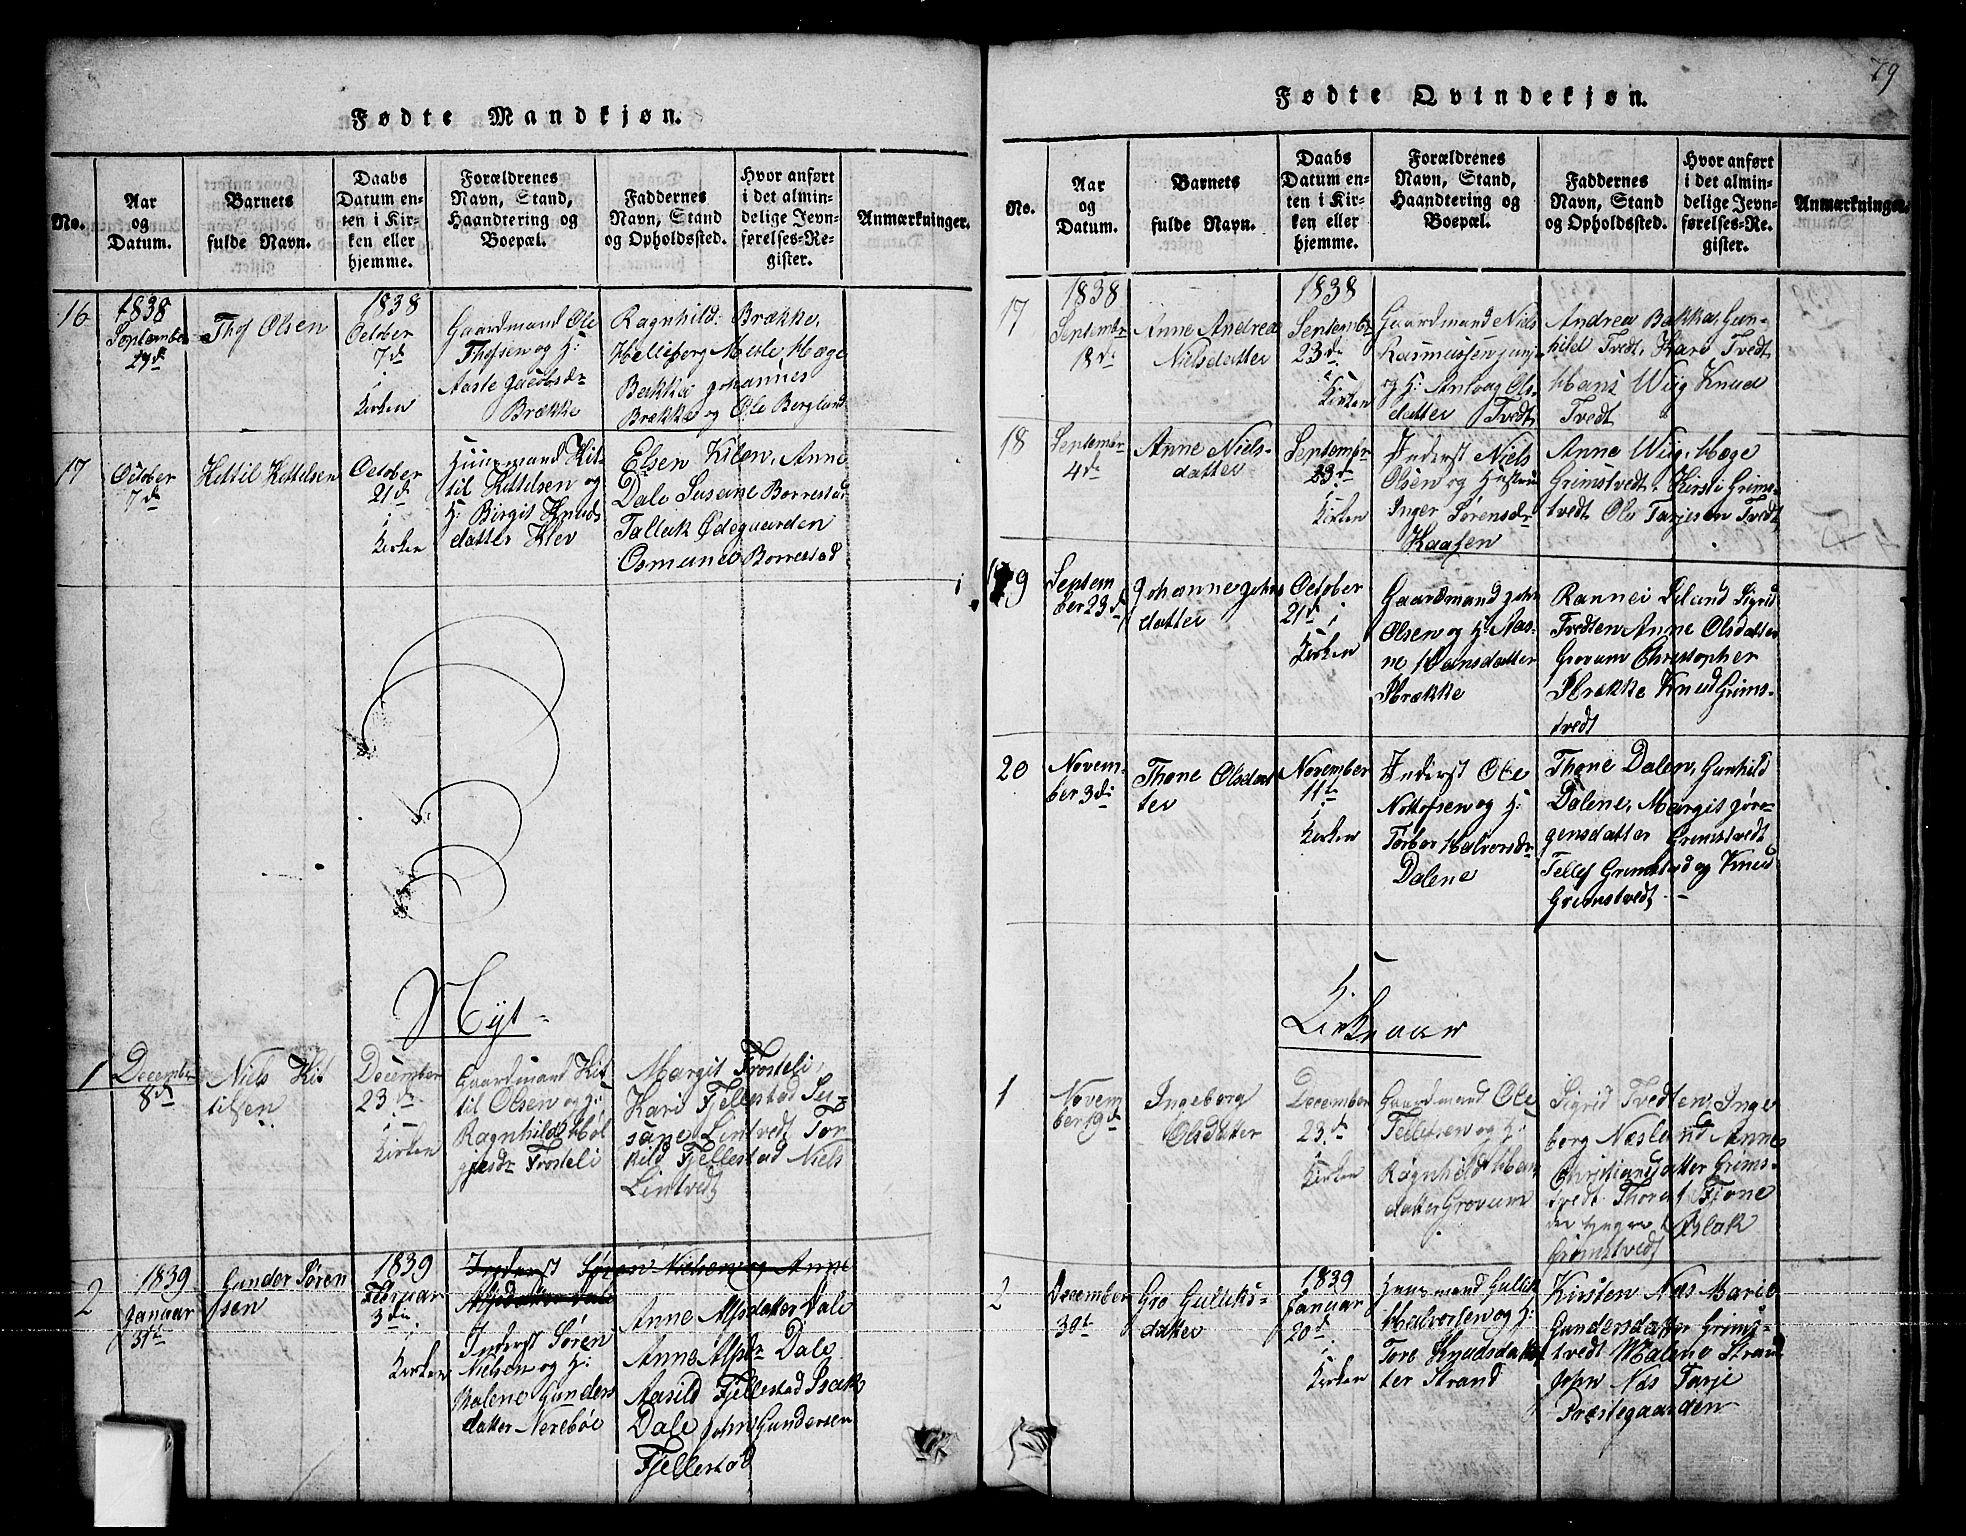 SAKO, Nissedal kirkebøker, G/Ga/L0001: Klokkerbok nr. I 1, 1814-1860, s. 79